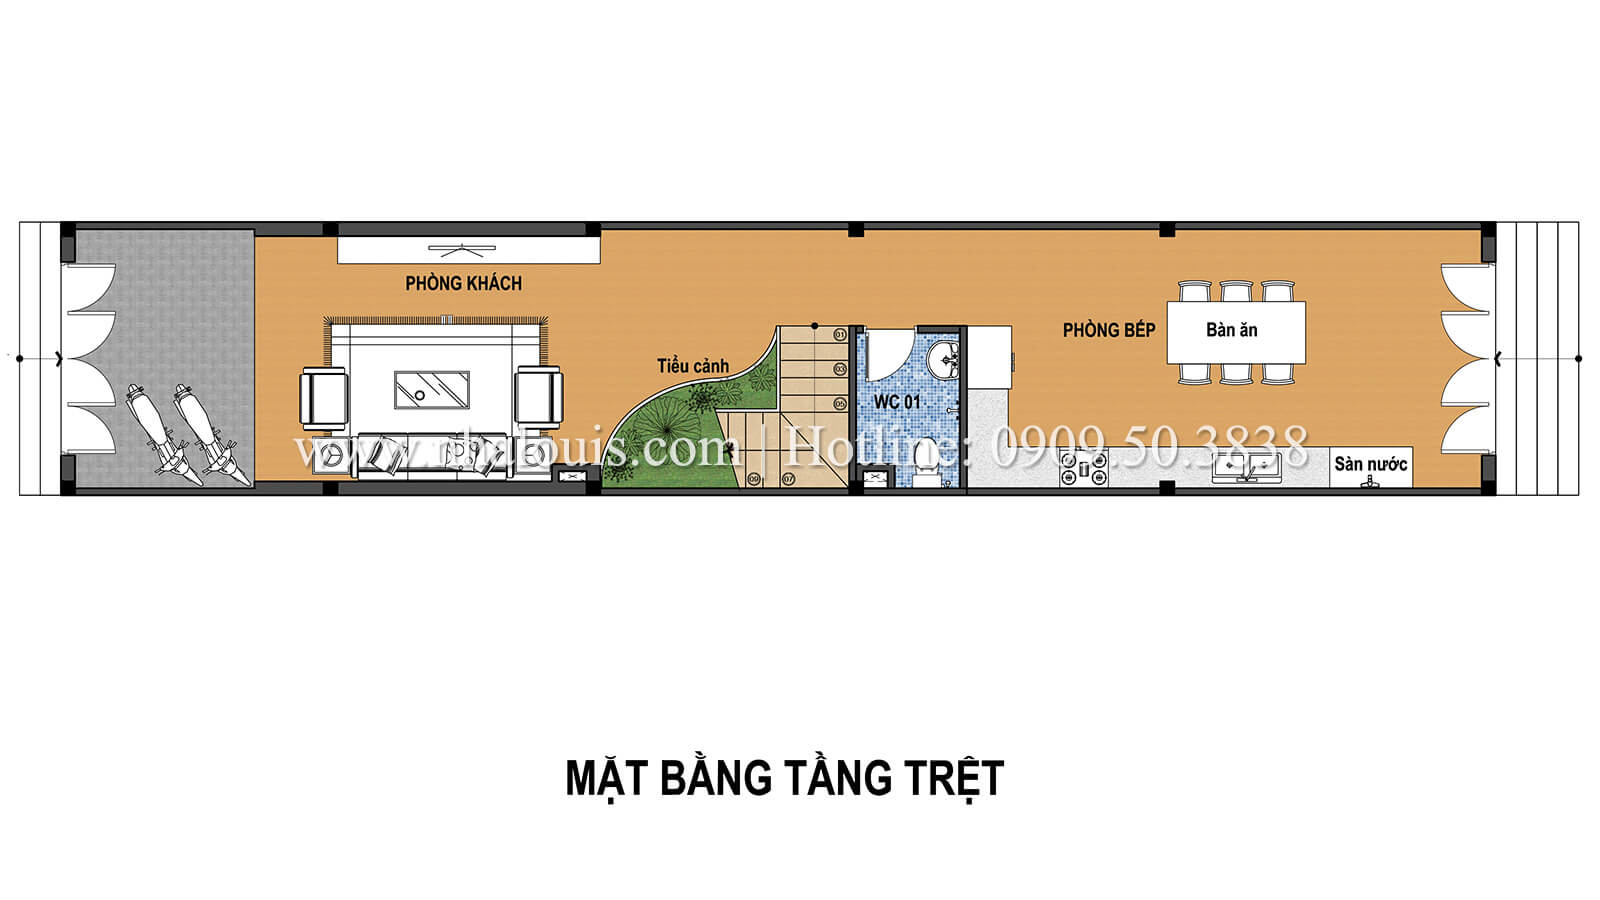 Mặt bằng tầng trệt Thiết kế nhà ống 3 tầng mặt tiền 5m đầy đủ tiện nghi tại Bến Tre